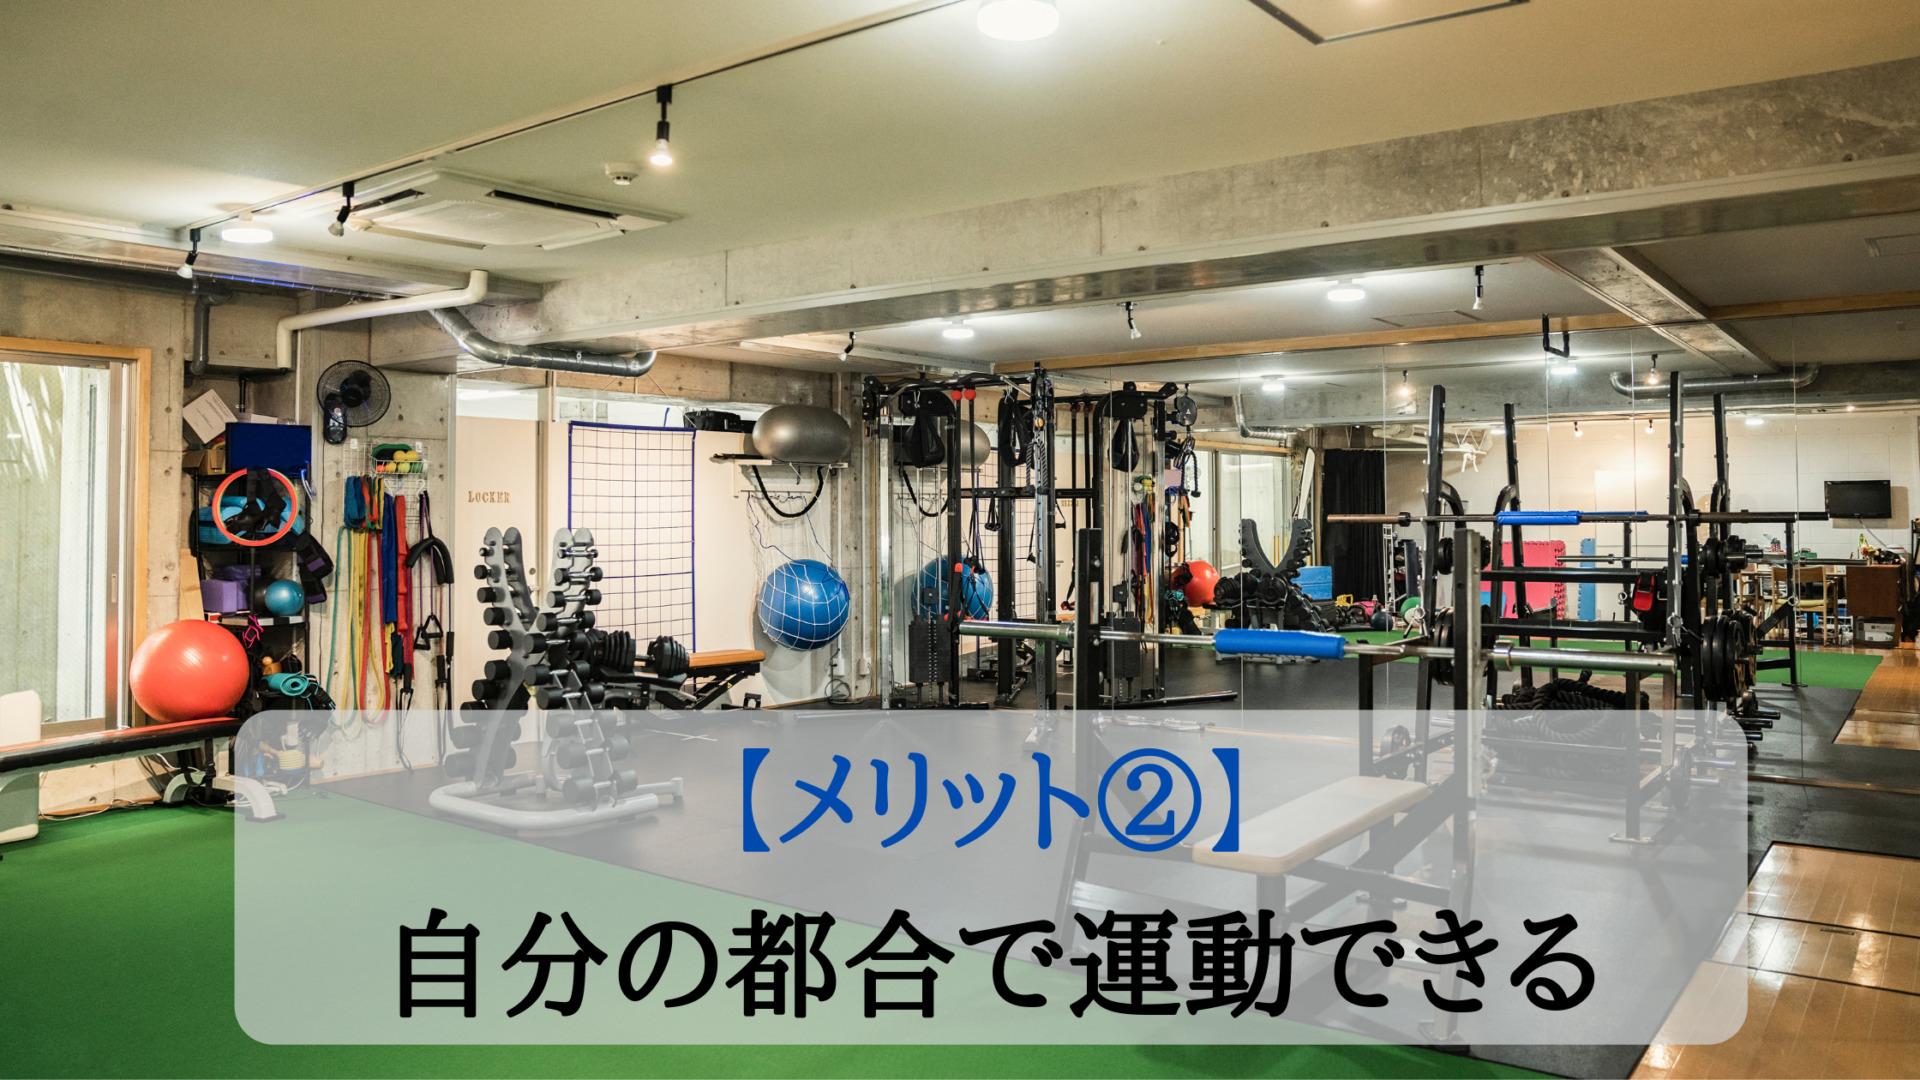 メリット②:自分の都合に合わせて運動ができる